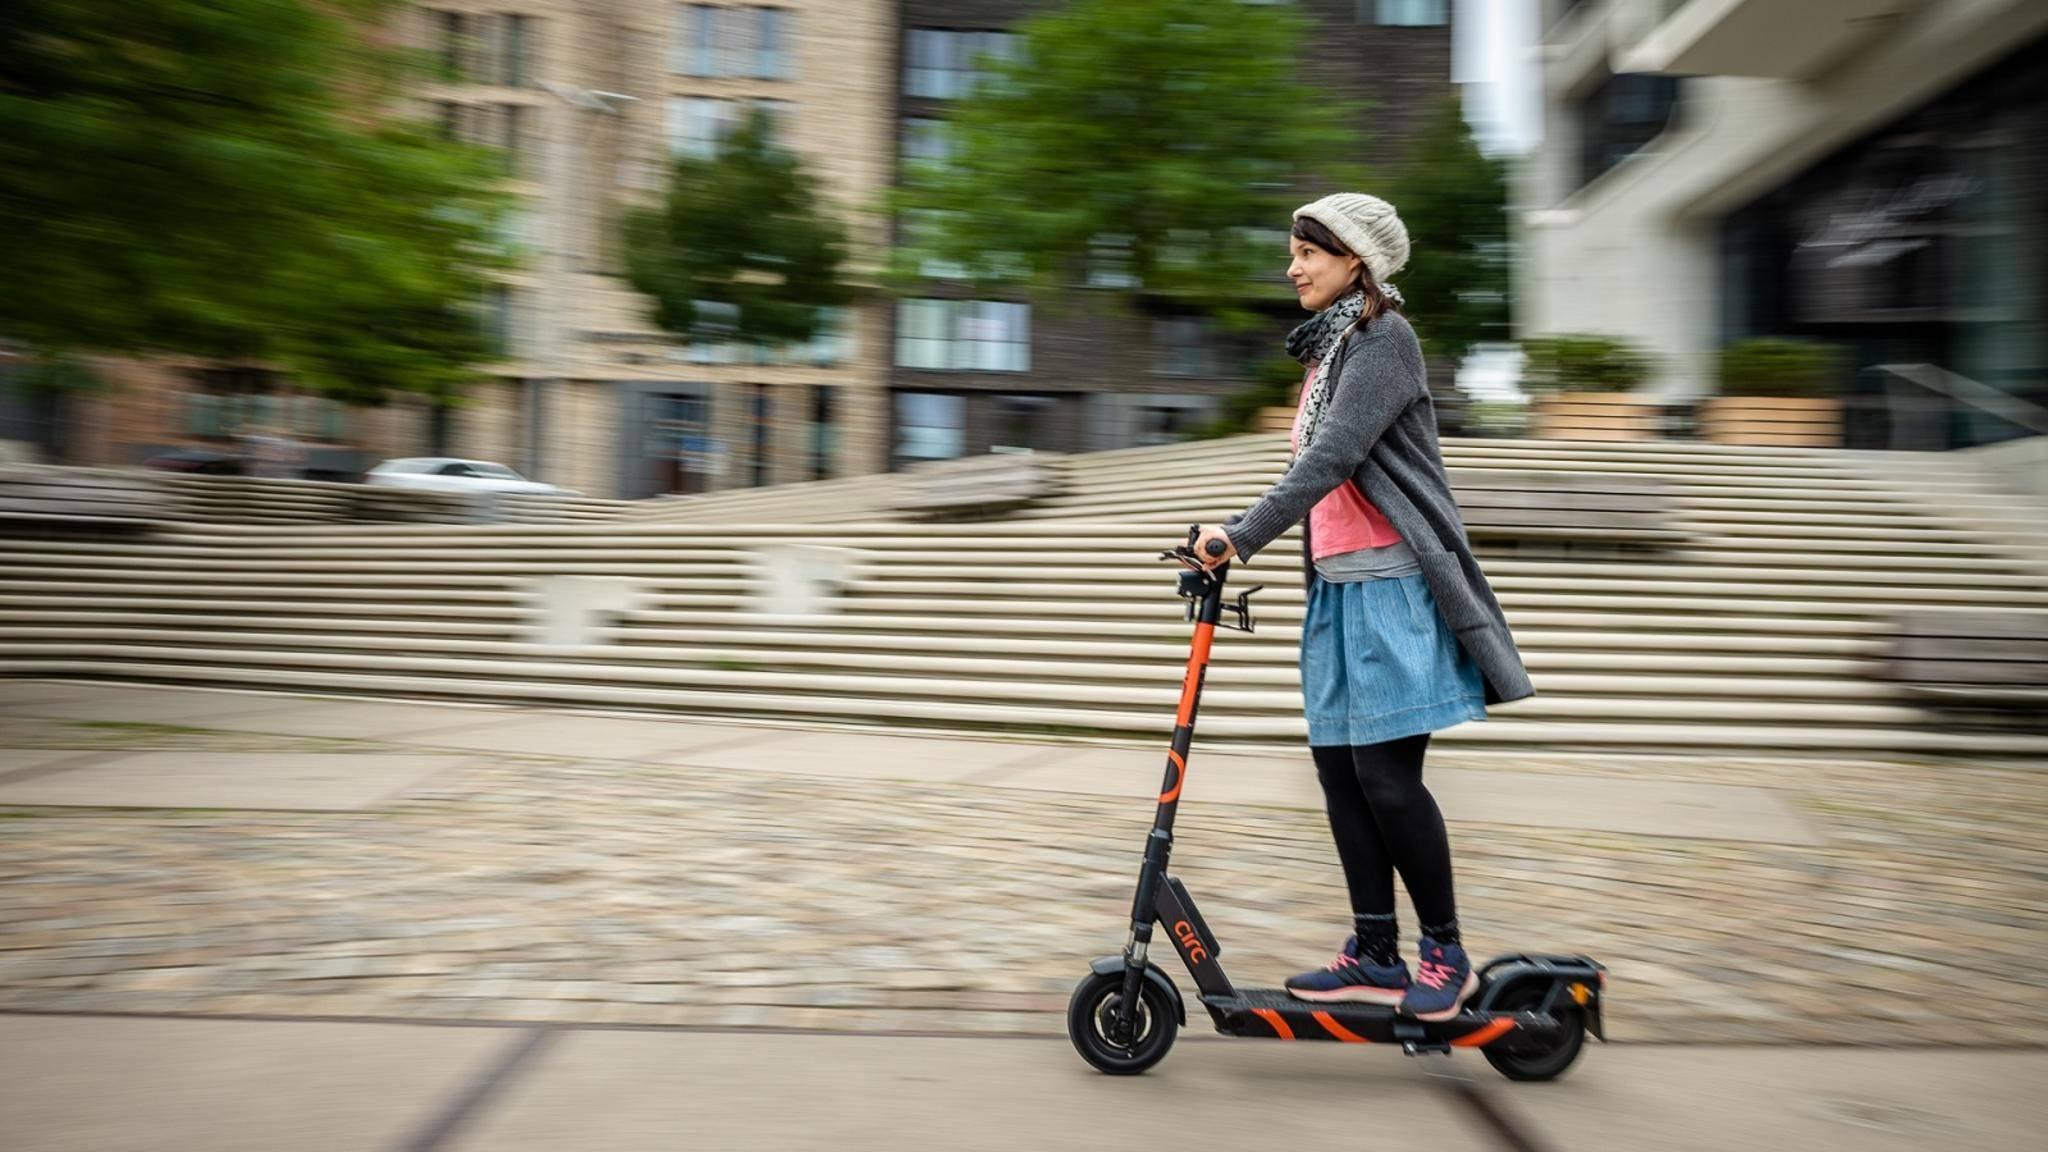 Mit E-Scooter in der Stadt unterwegs